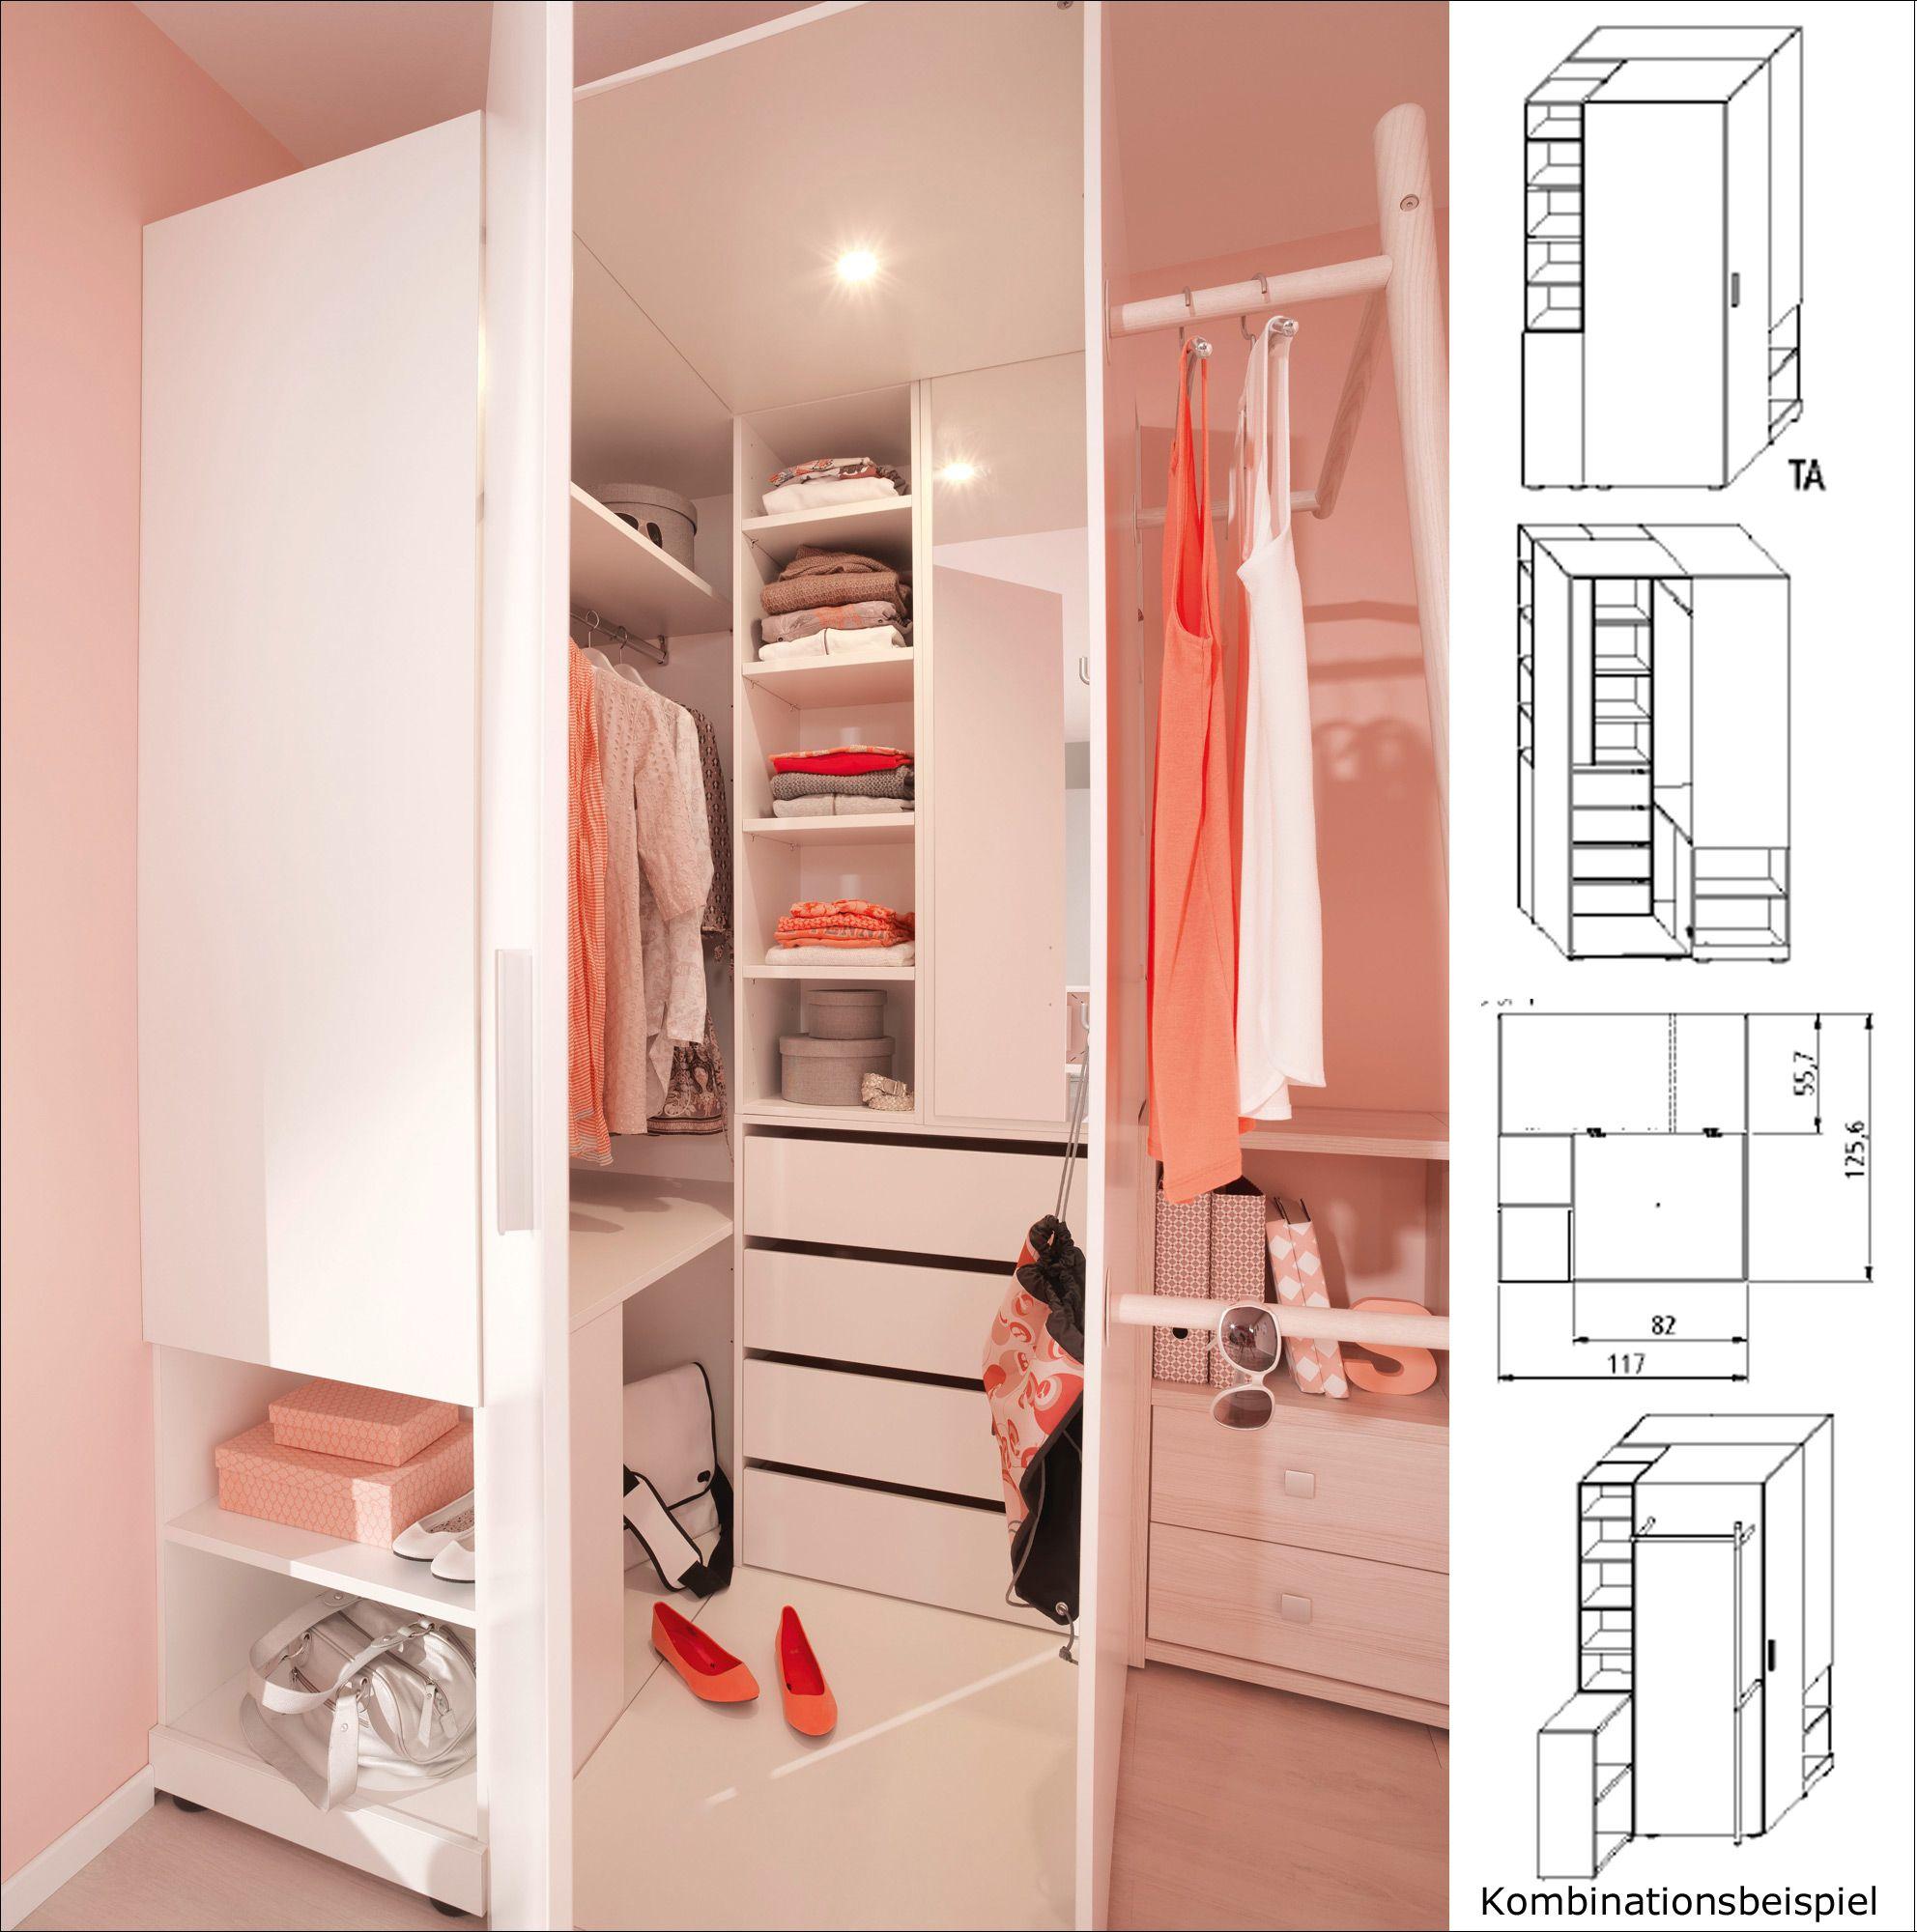 Beste Schrank Jugendzimmer Begehbarer Kleiderschrank Begehbarer Kleiderschrank Kleiner Raum Begehbarer Kleiderschrank Bauen